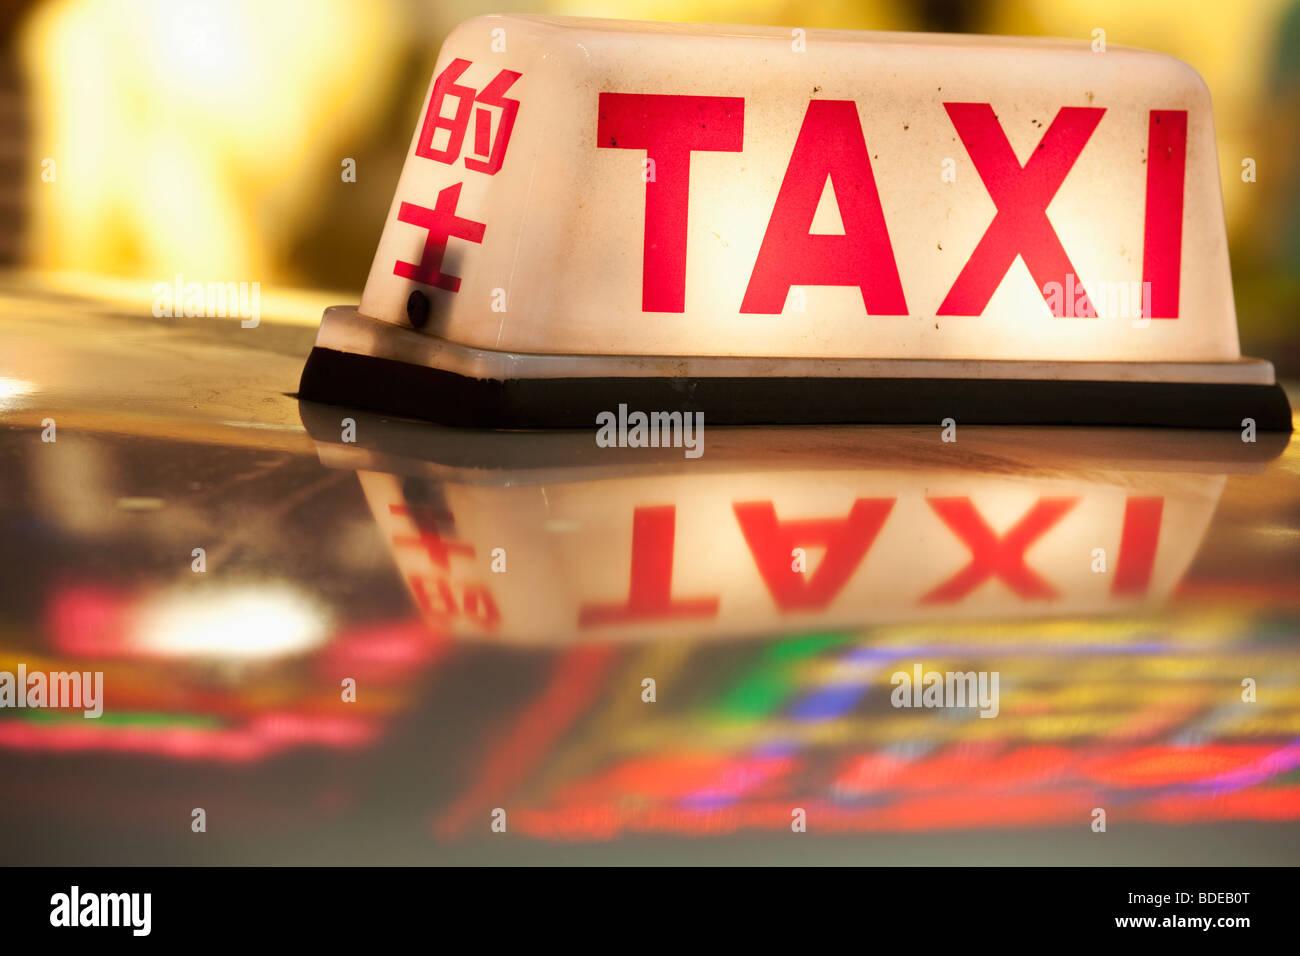 Enseignes au néon et lumière taxi Kowloon Tsim Sha Tsui Hong Kong, Chine Banque D'Images